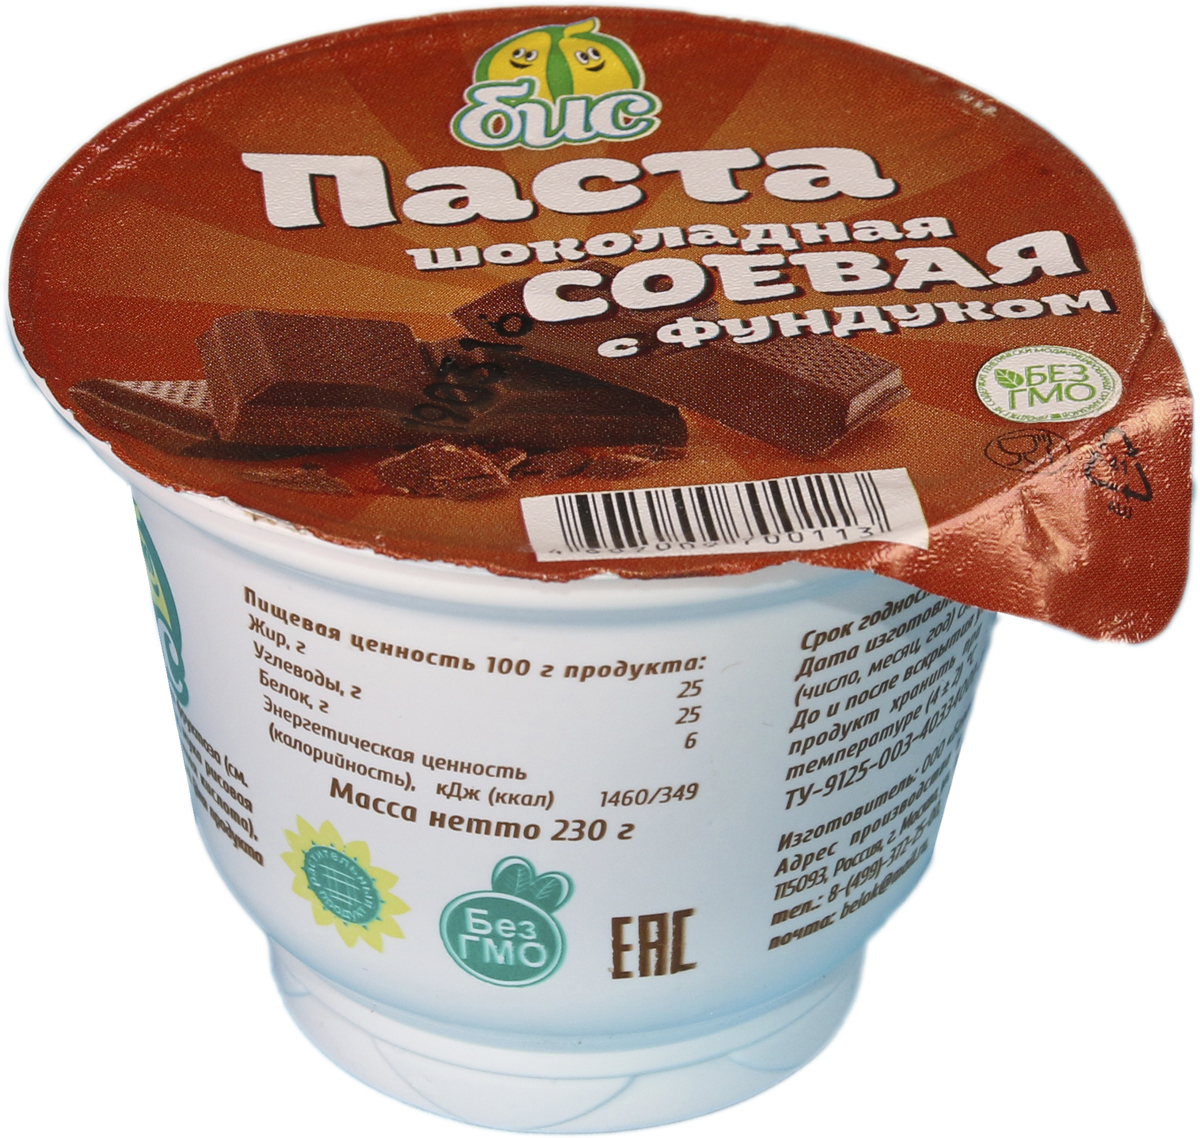 Боб и Соя Шоколадная паста соевая с фундуком 25%, 230 г